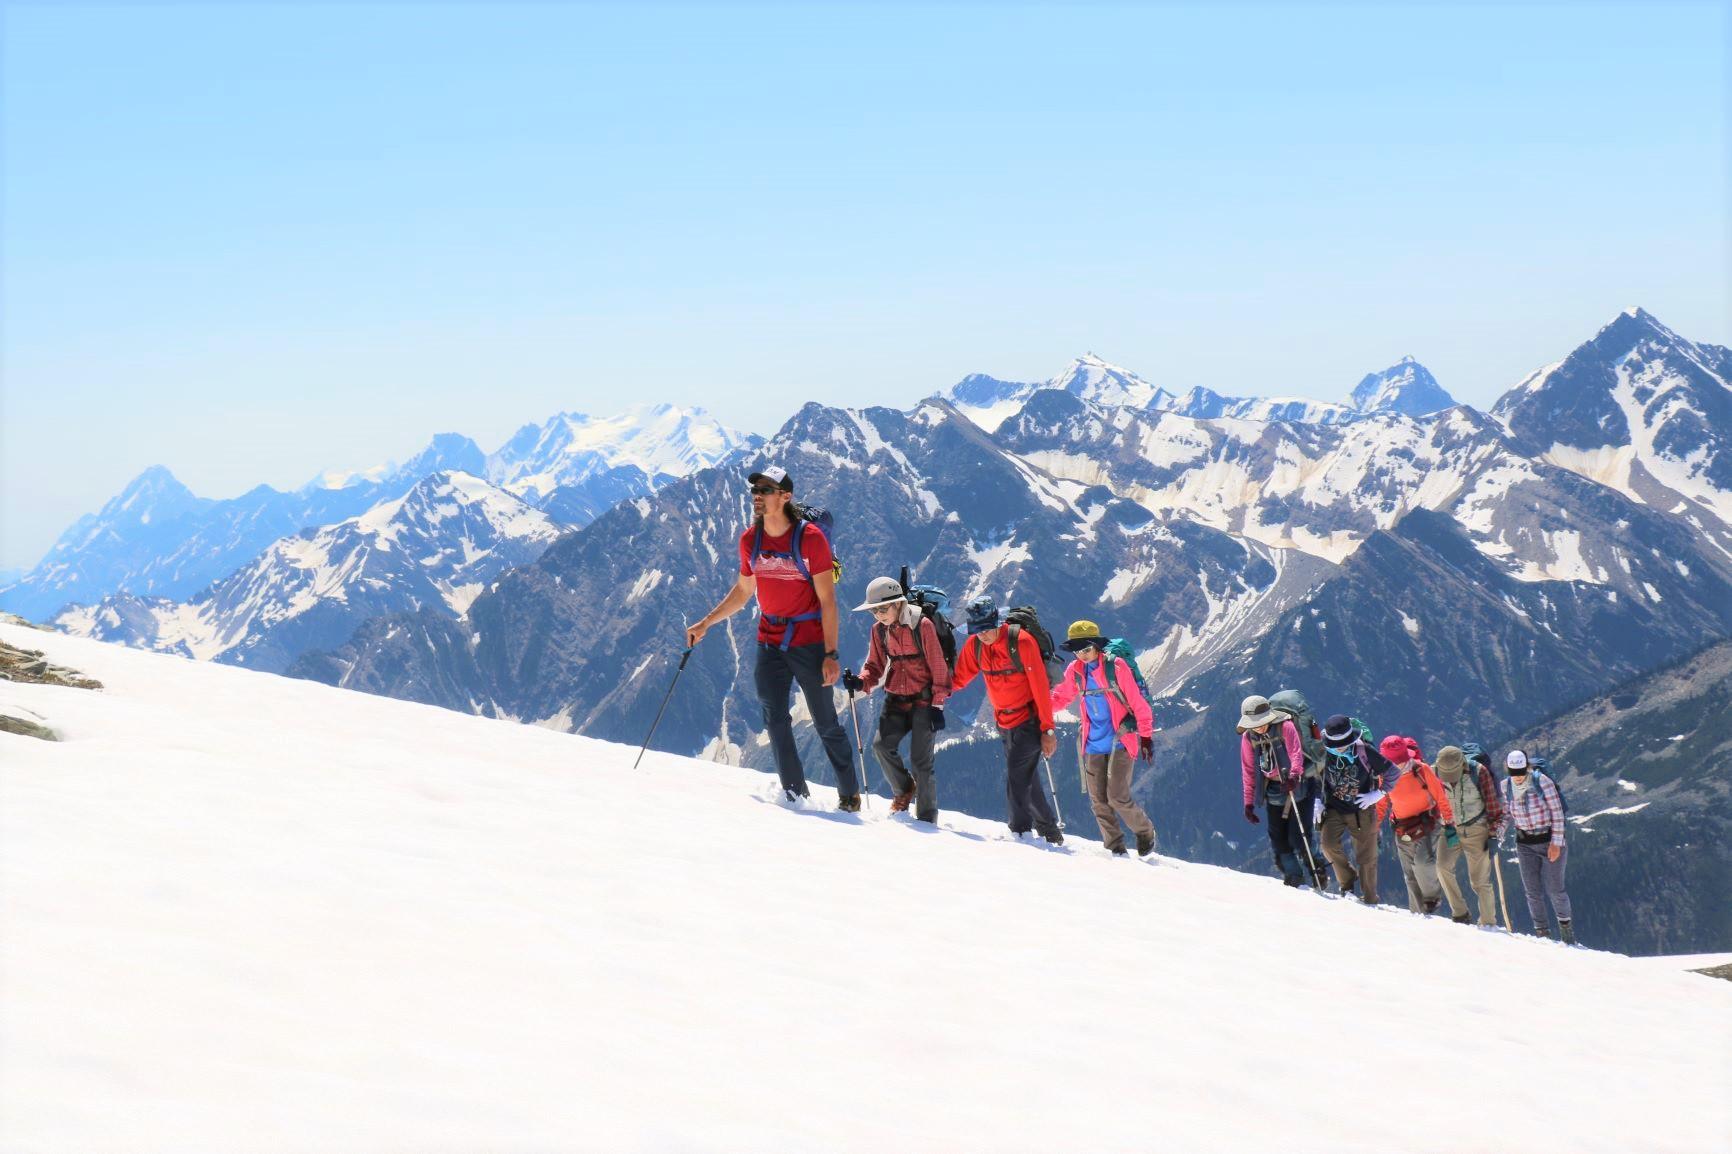 絶景の中の雪渓歩きも楽しめる(7月上旬)